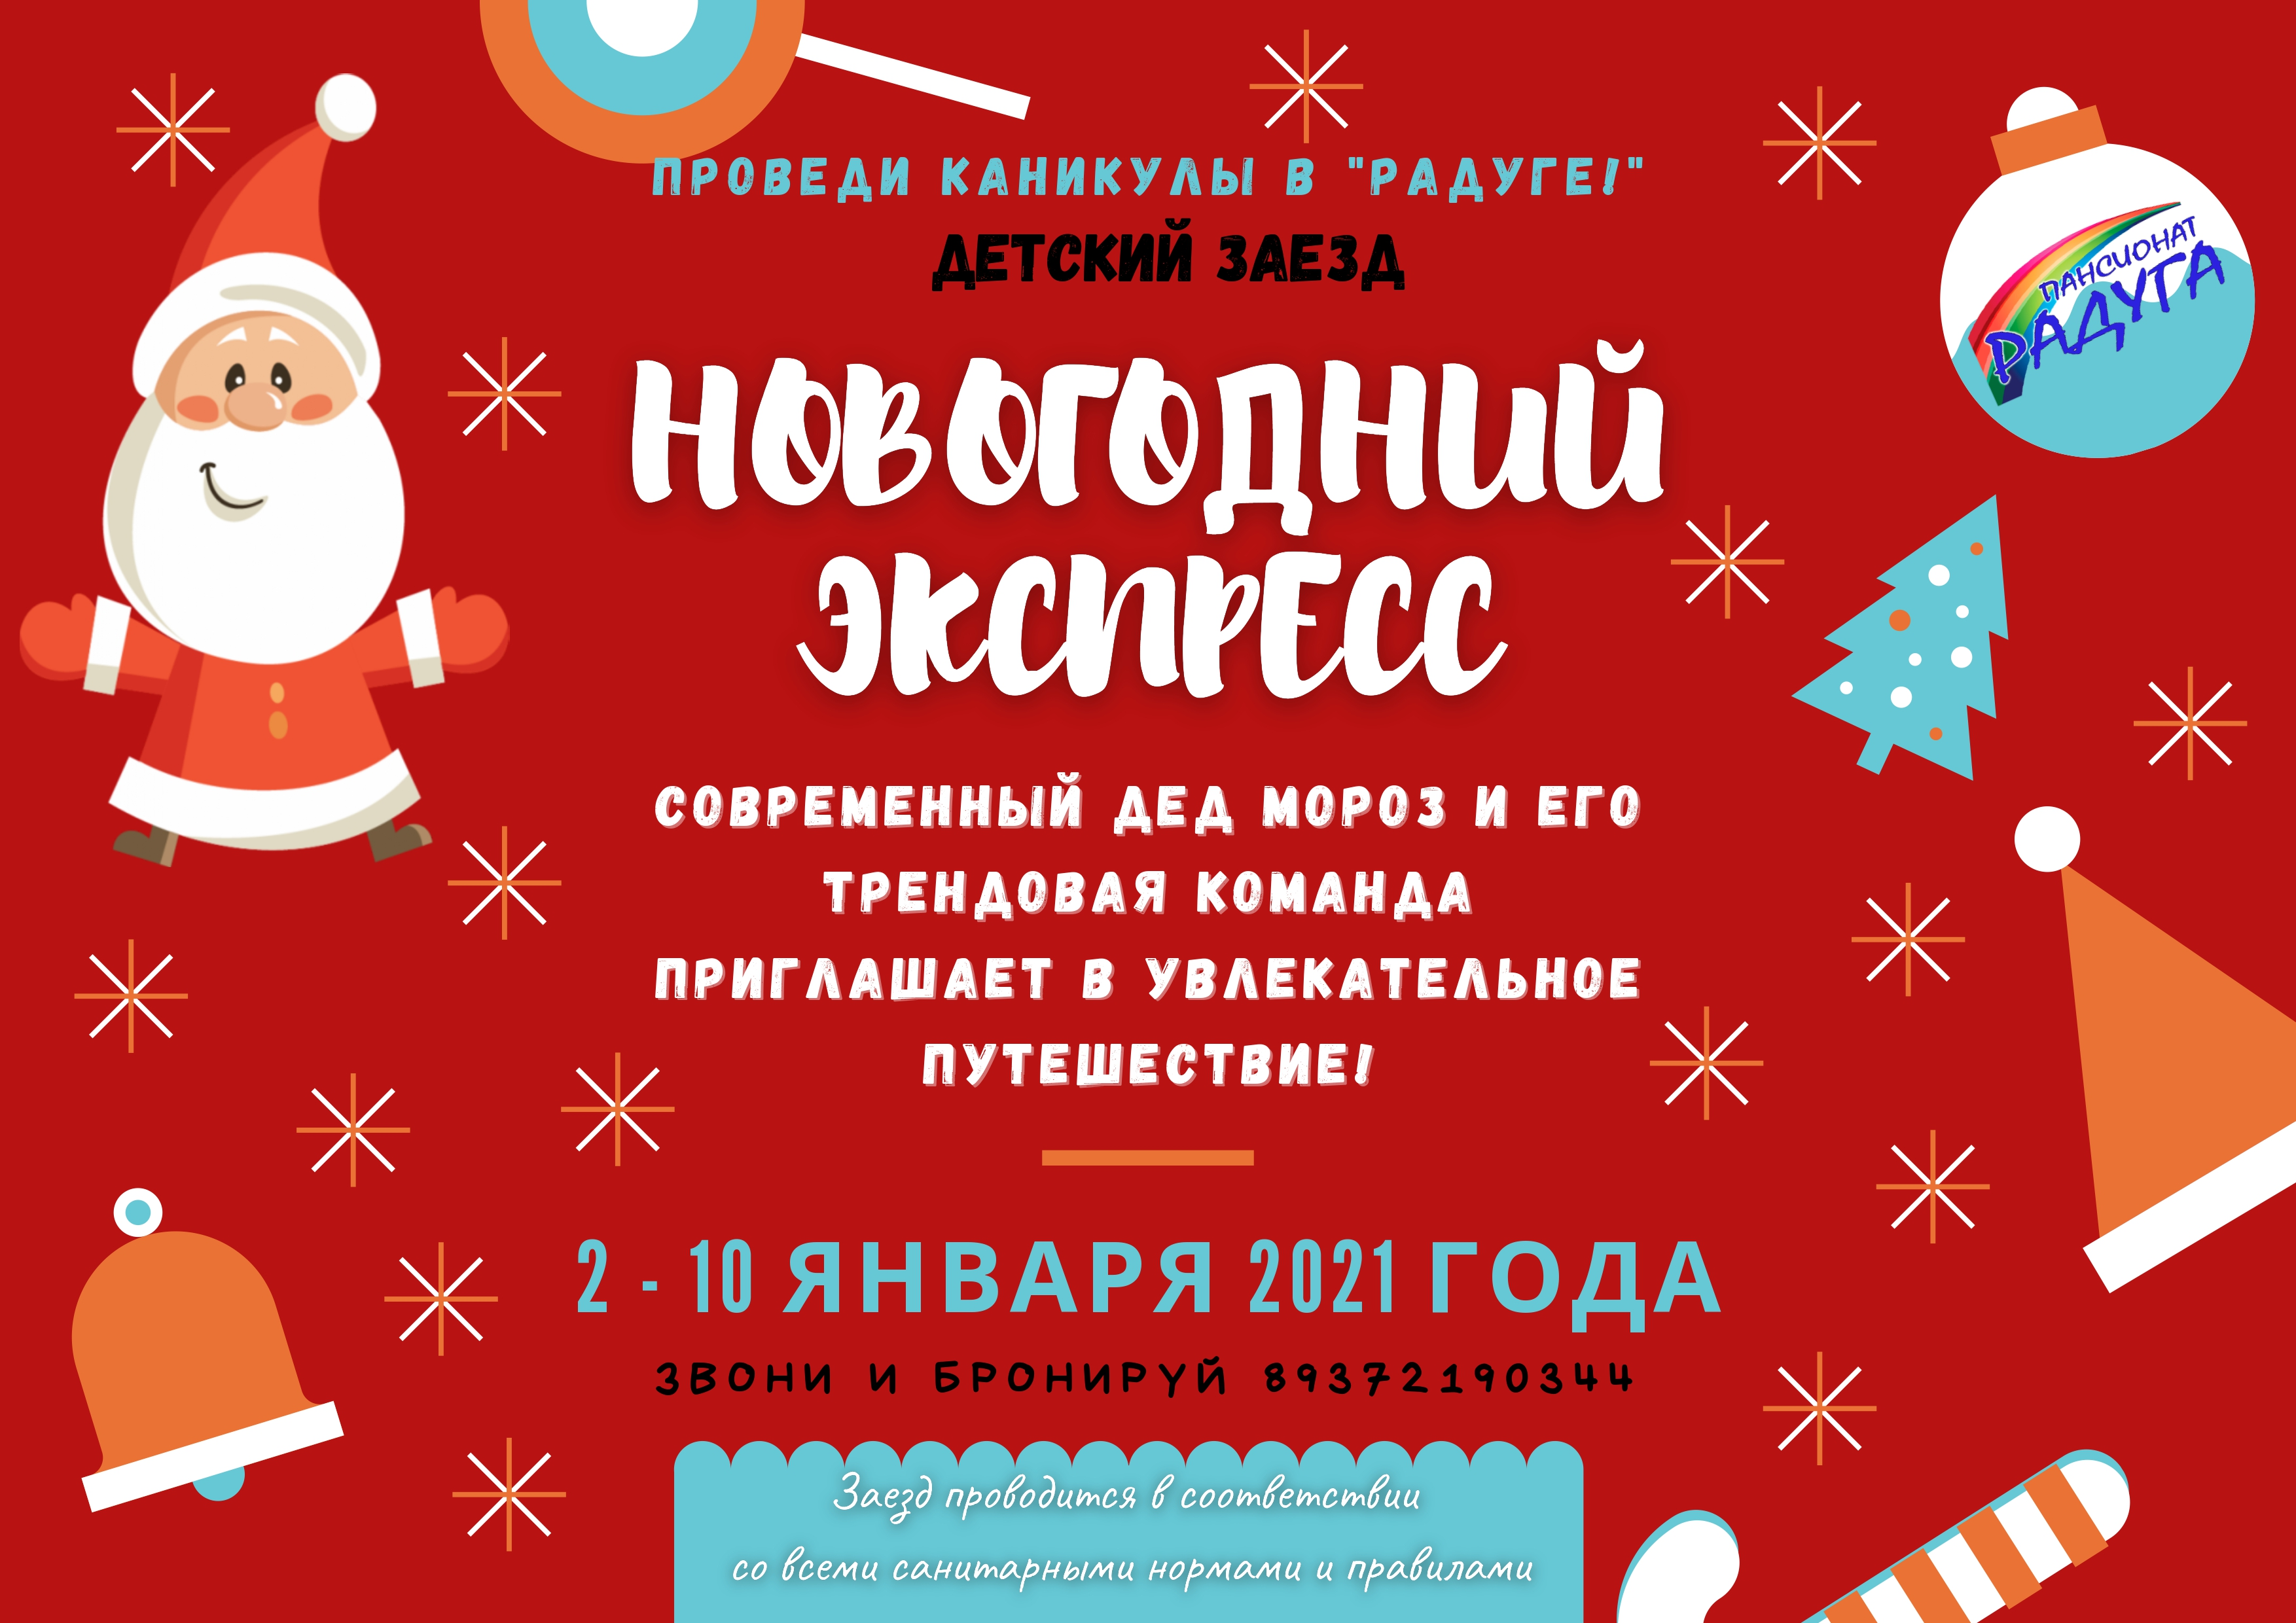 Афиша Новогодний экспресс